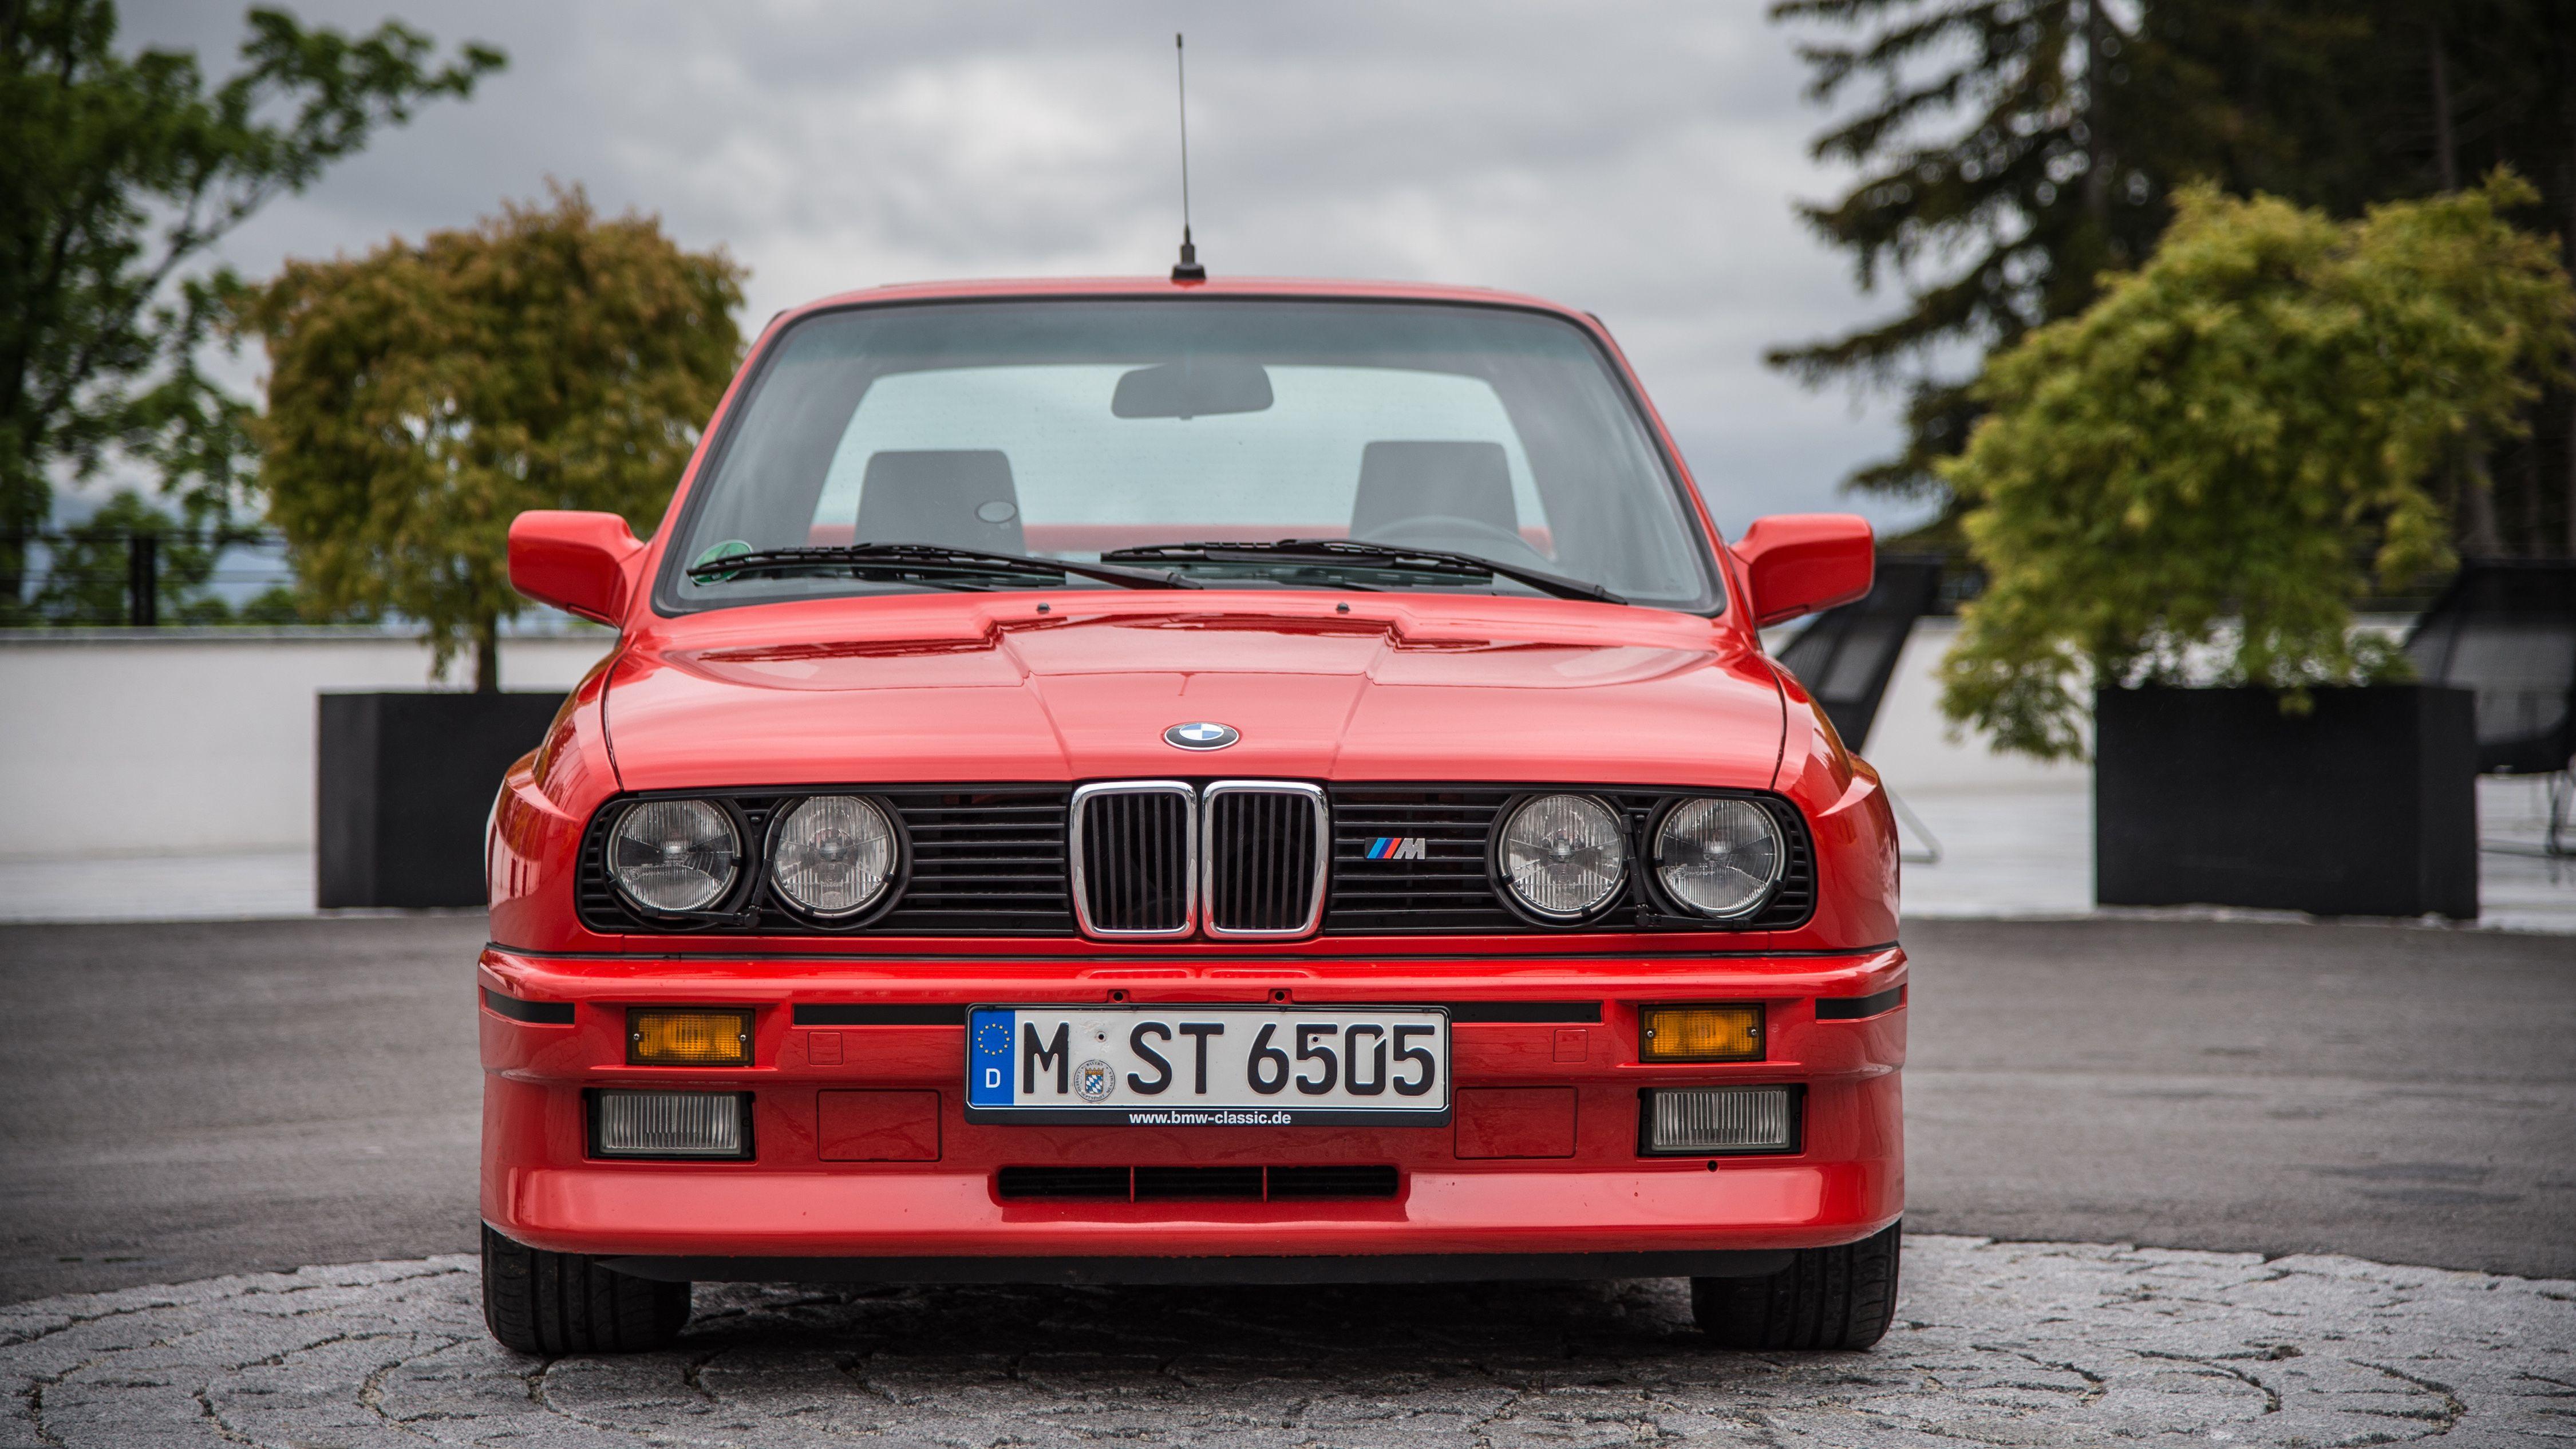 Bmw m3 coupe e30 1986